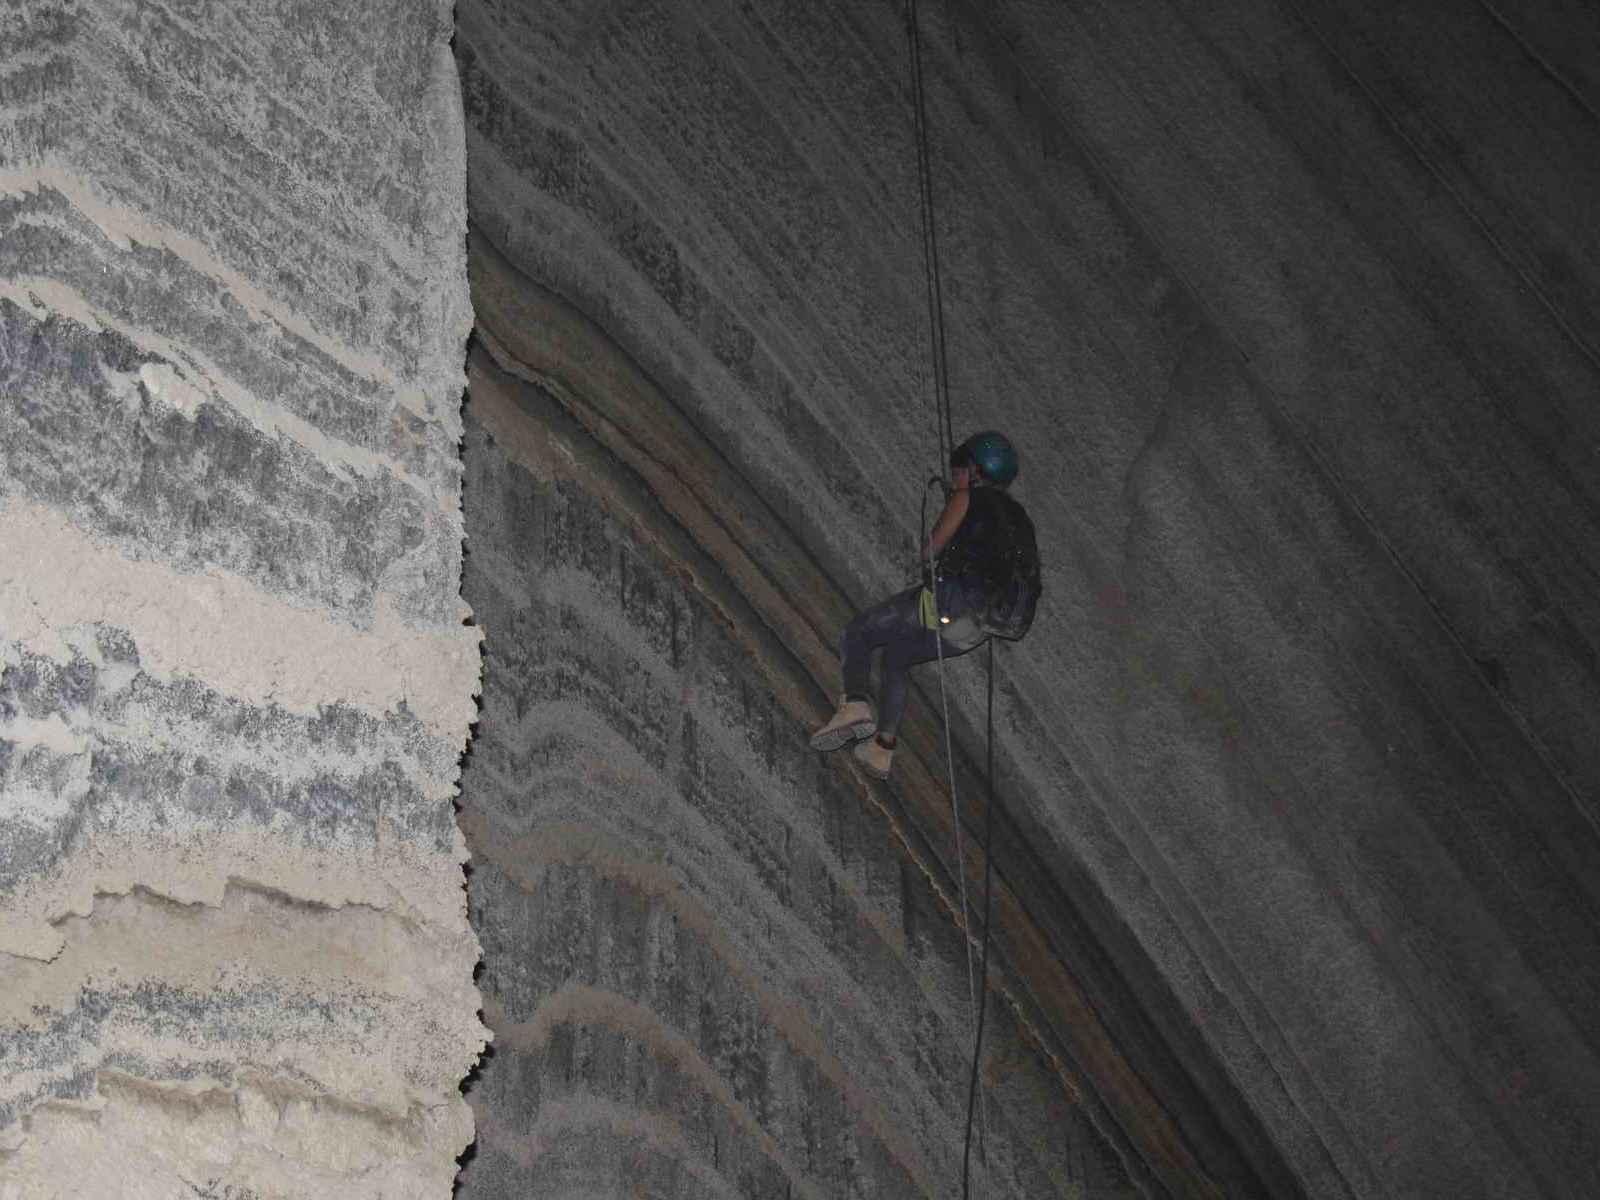 שכבות מלח צבעוניות במערת המלח קולונל עם ערוצים בטבע